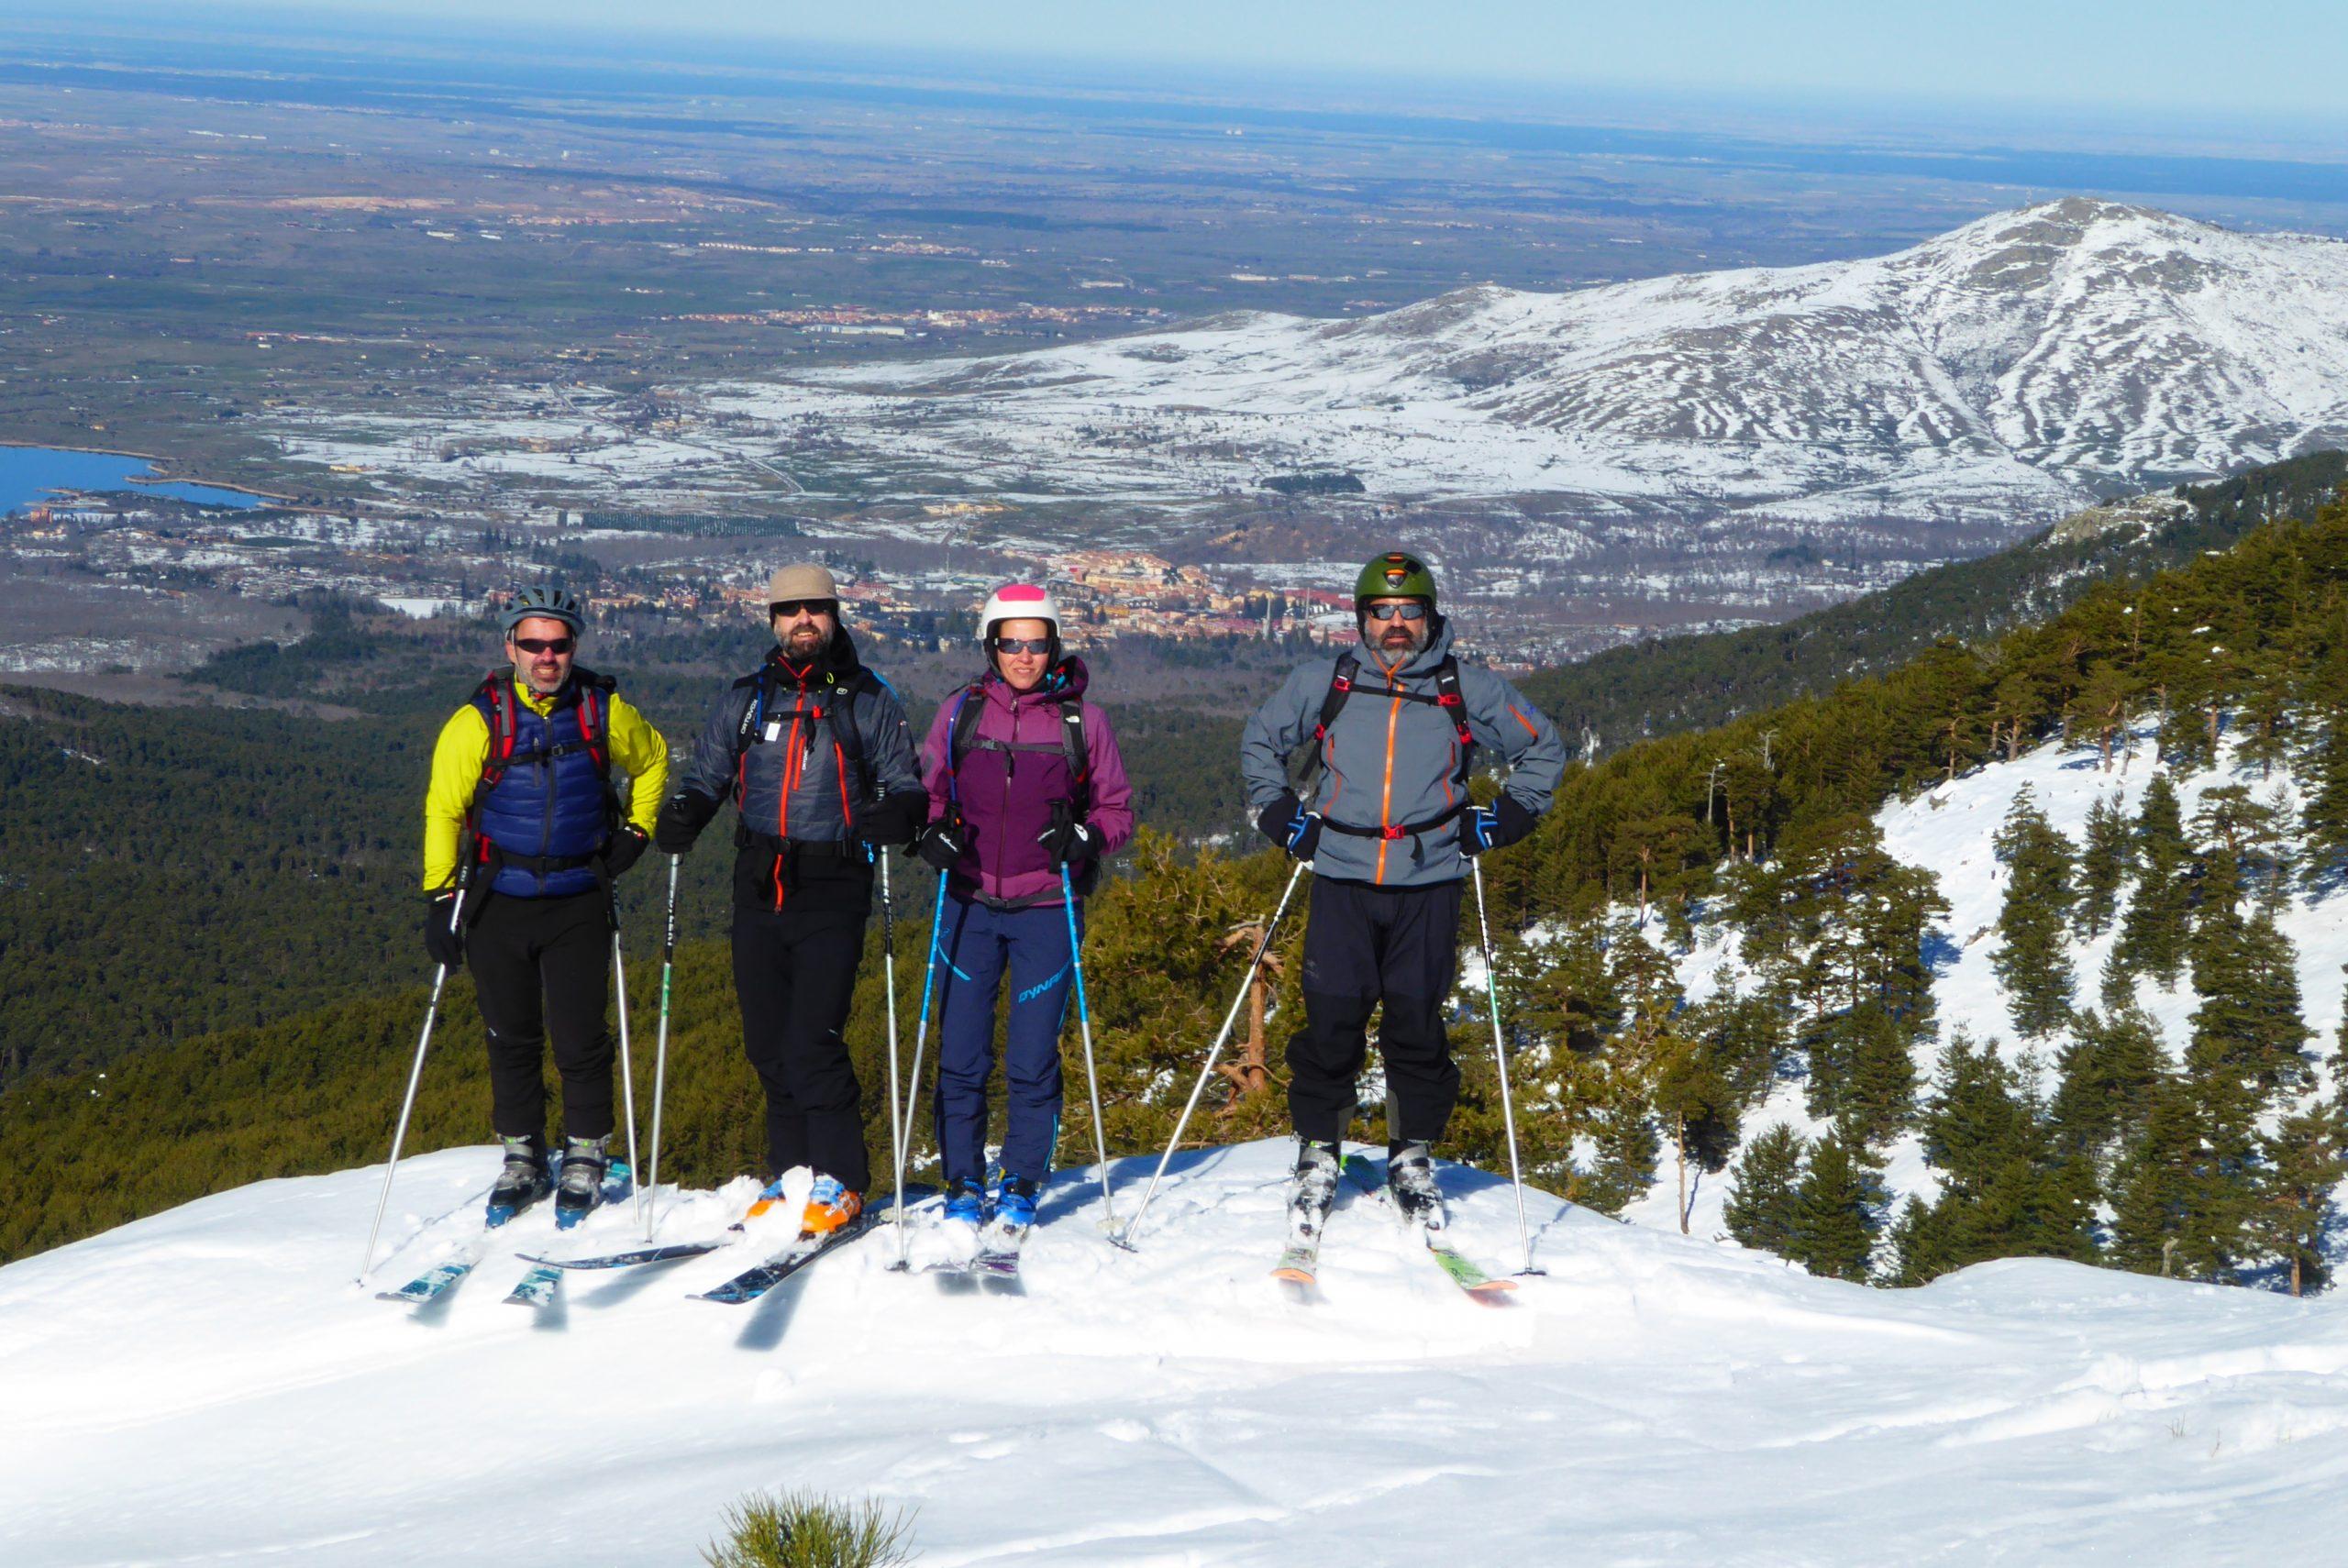 Curso de esquí de montaña. Nivel 2  (Avanzado)-Sierra de Guadarrama